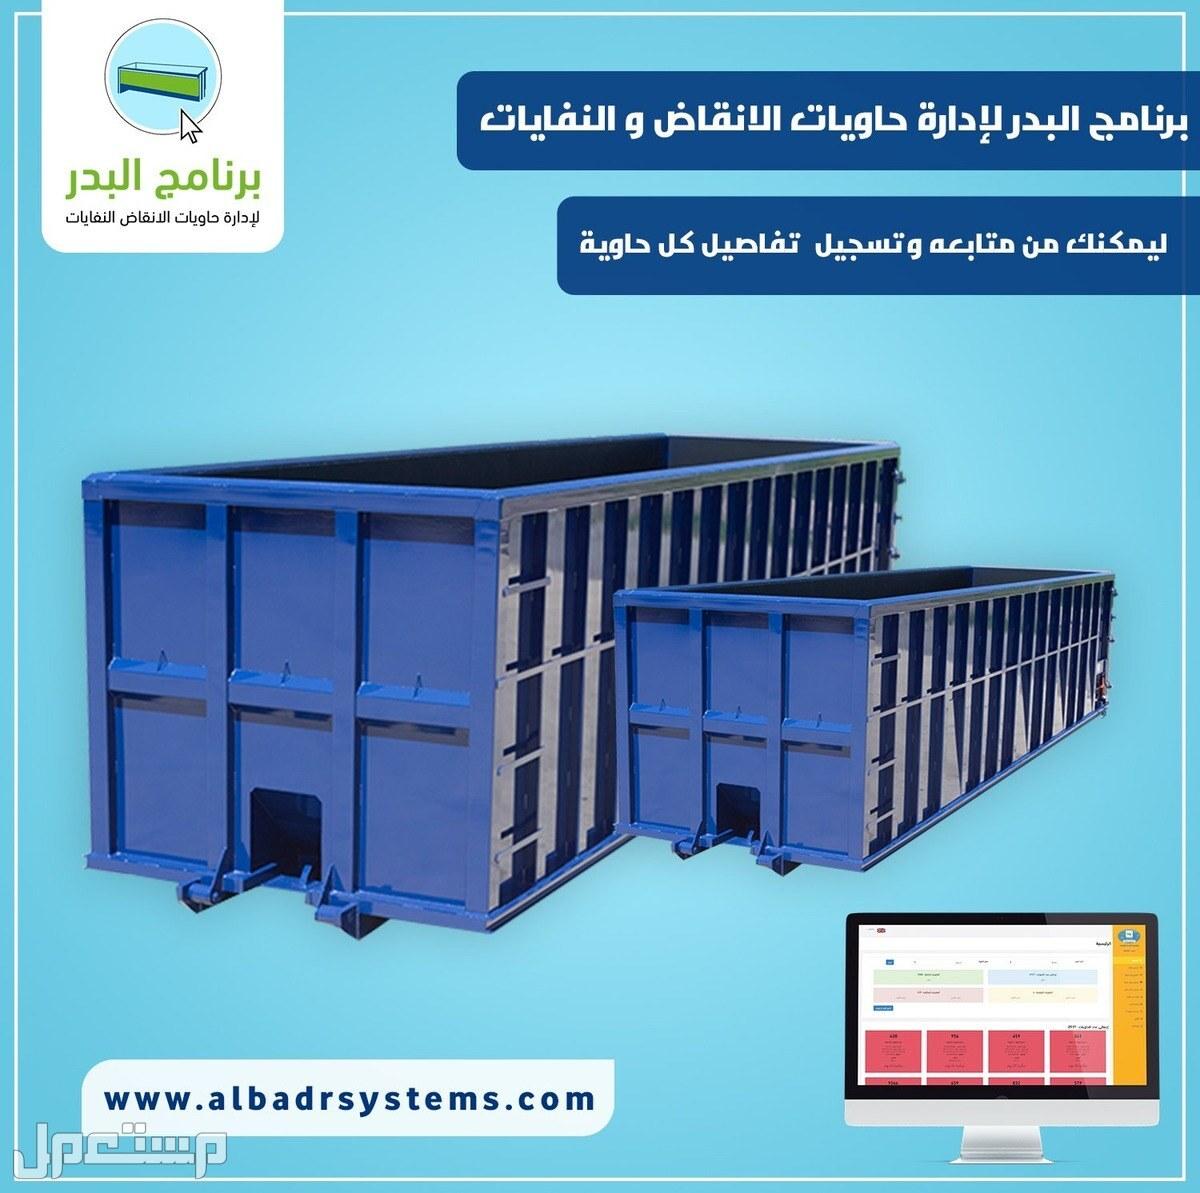 برنامج لادارة حاويات النفايات و الانقاض